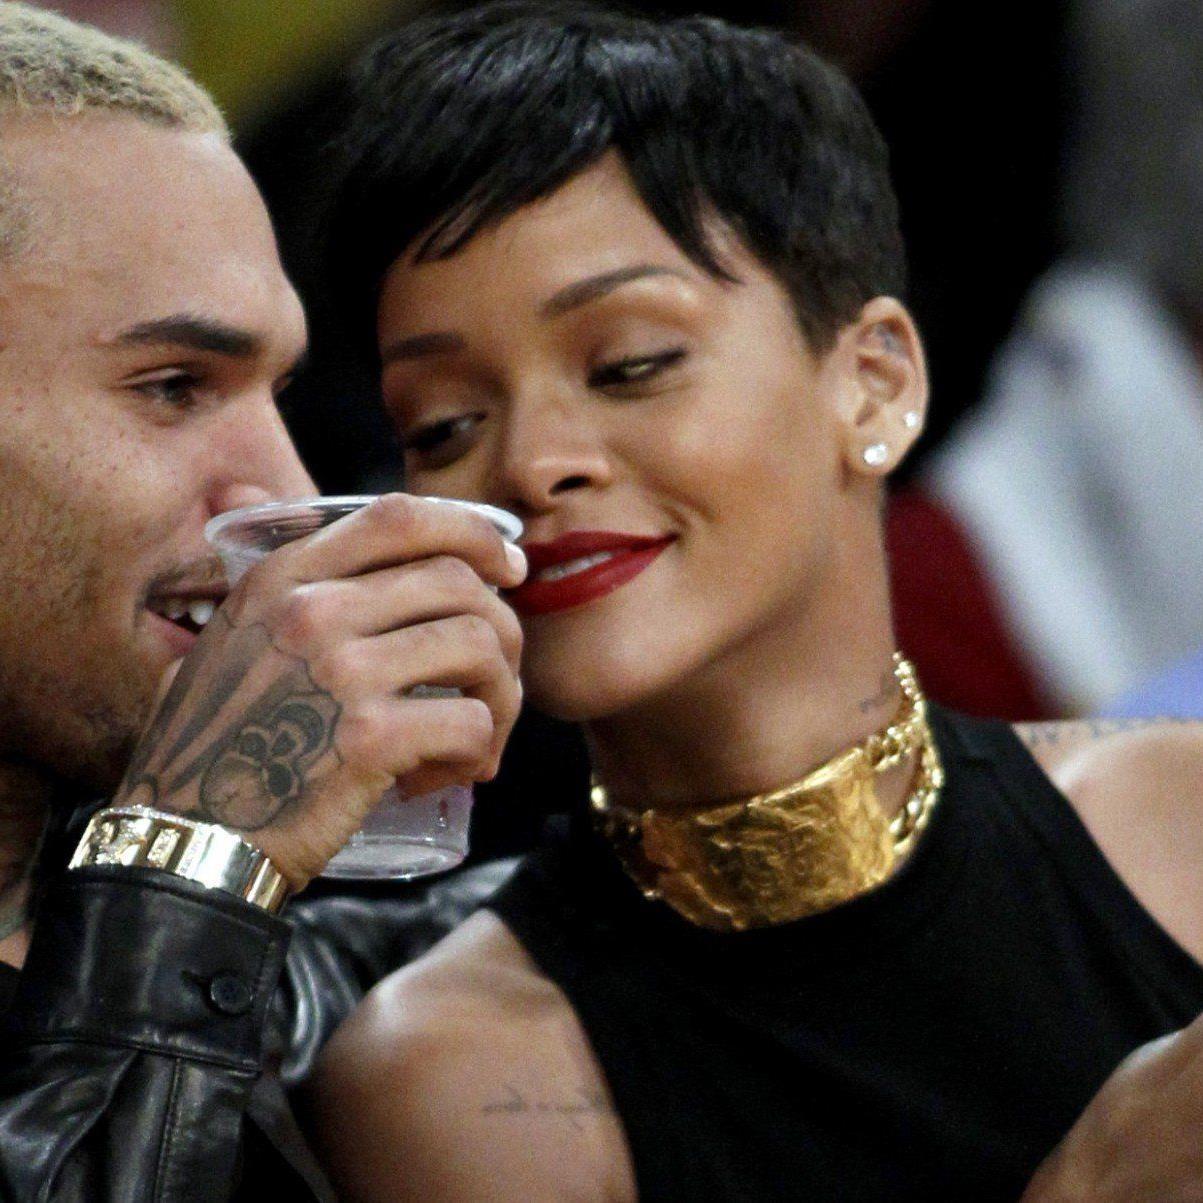 Haben sich Chris Brown und Rihanna erneut getrennt?